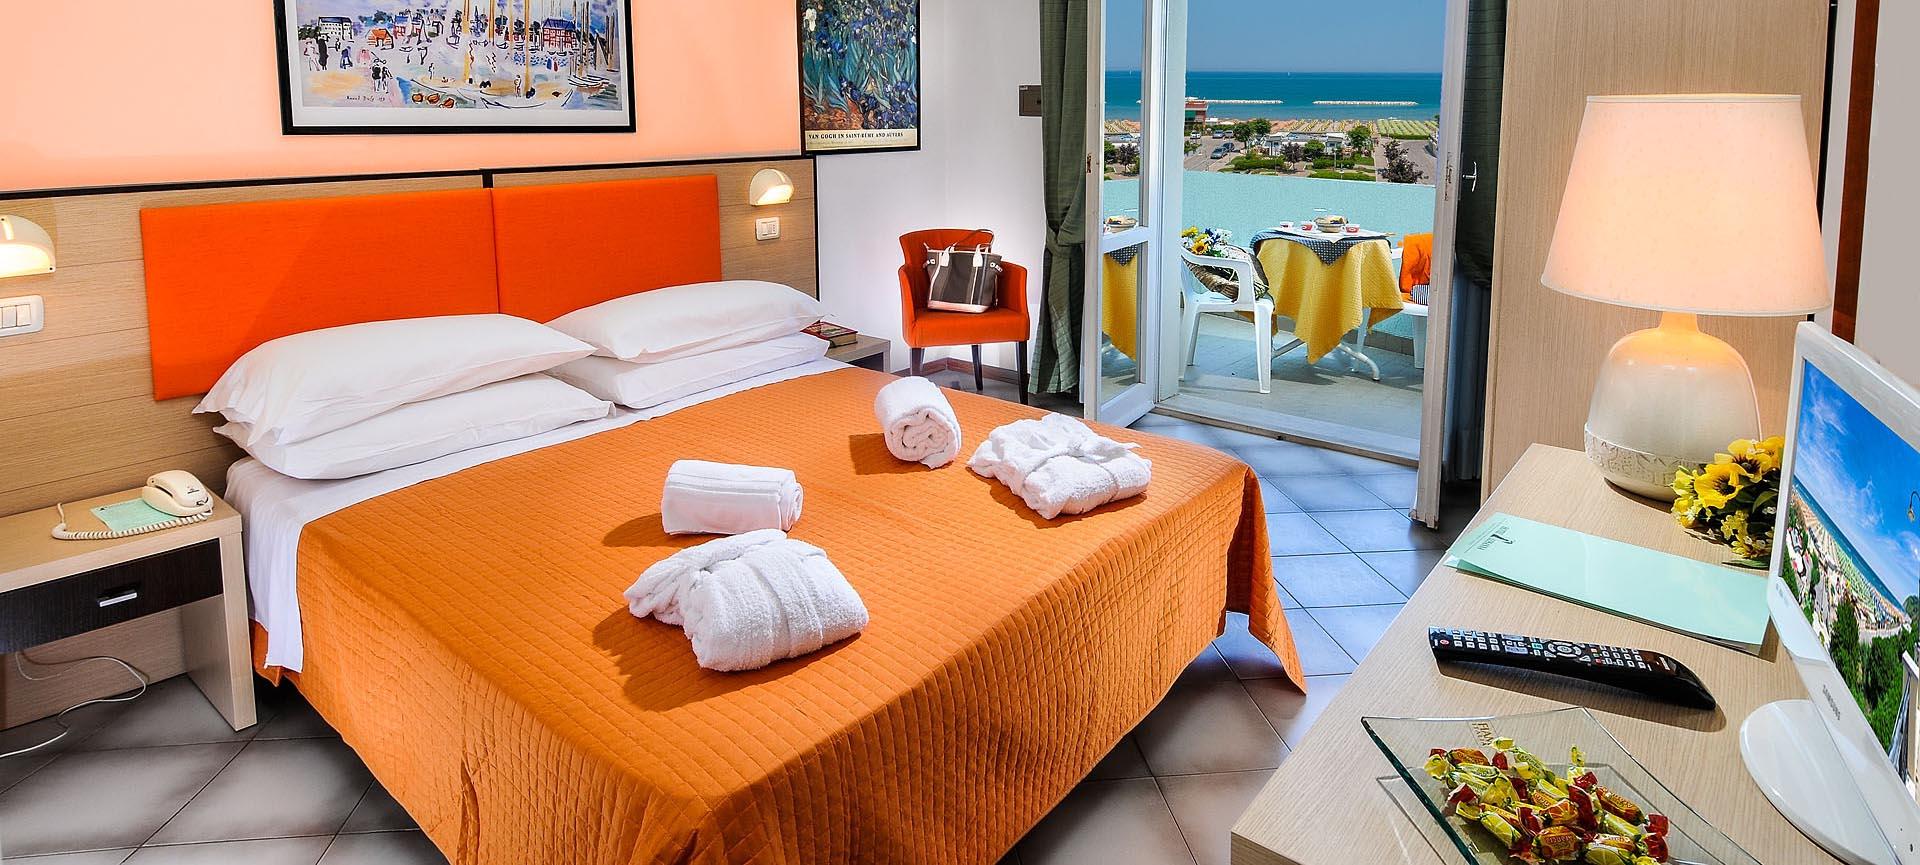 Listino prezzi hotel a gabicce mare migliore tariffa - Listino prezzi novamobili ...